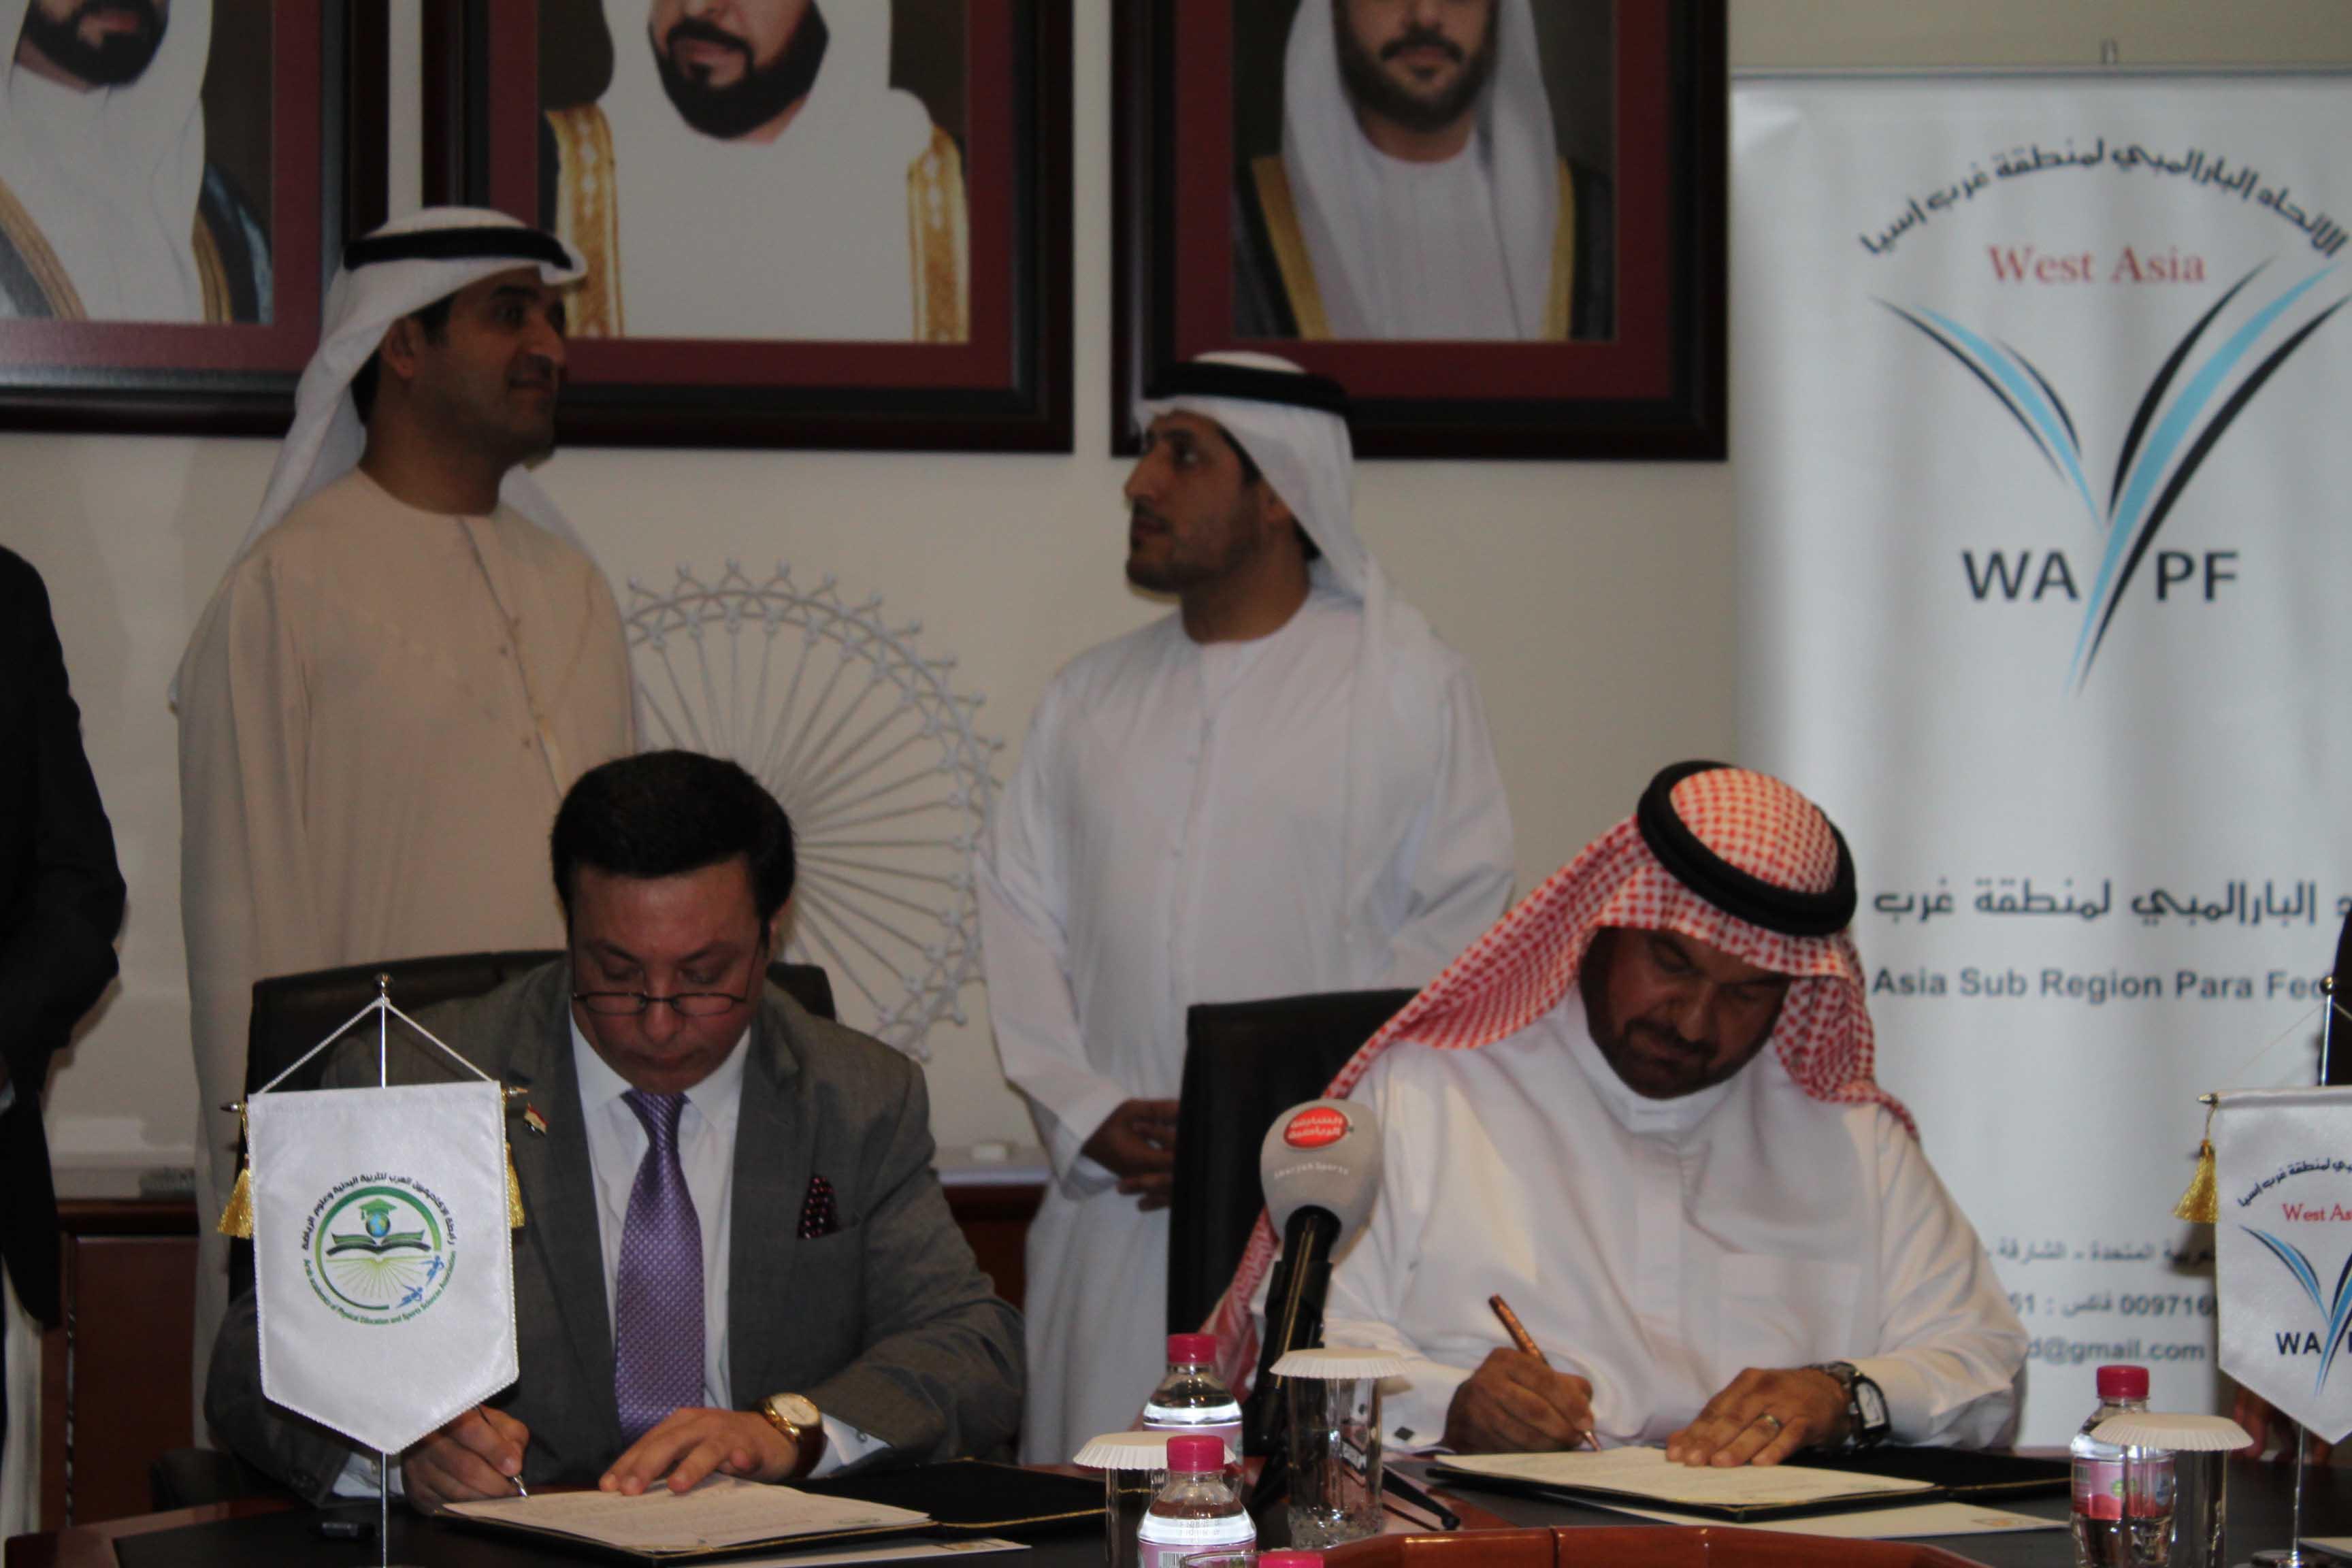 توقيع اتفاقية التعاون المشترك مع رابطة الأكاديميين العرب لعلوم التربية البدنية والرياضة - الشارقة 2016